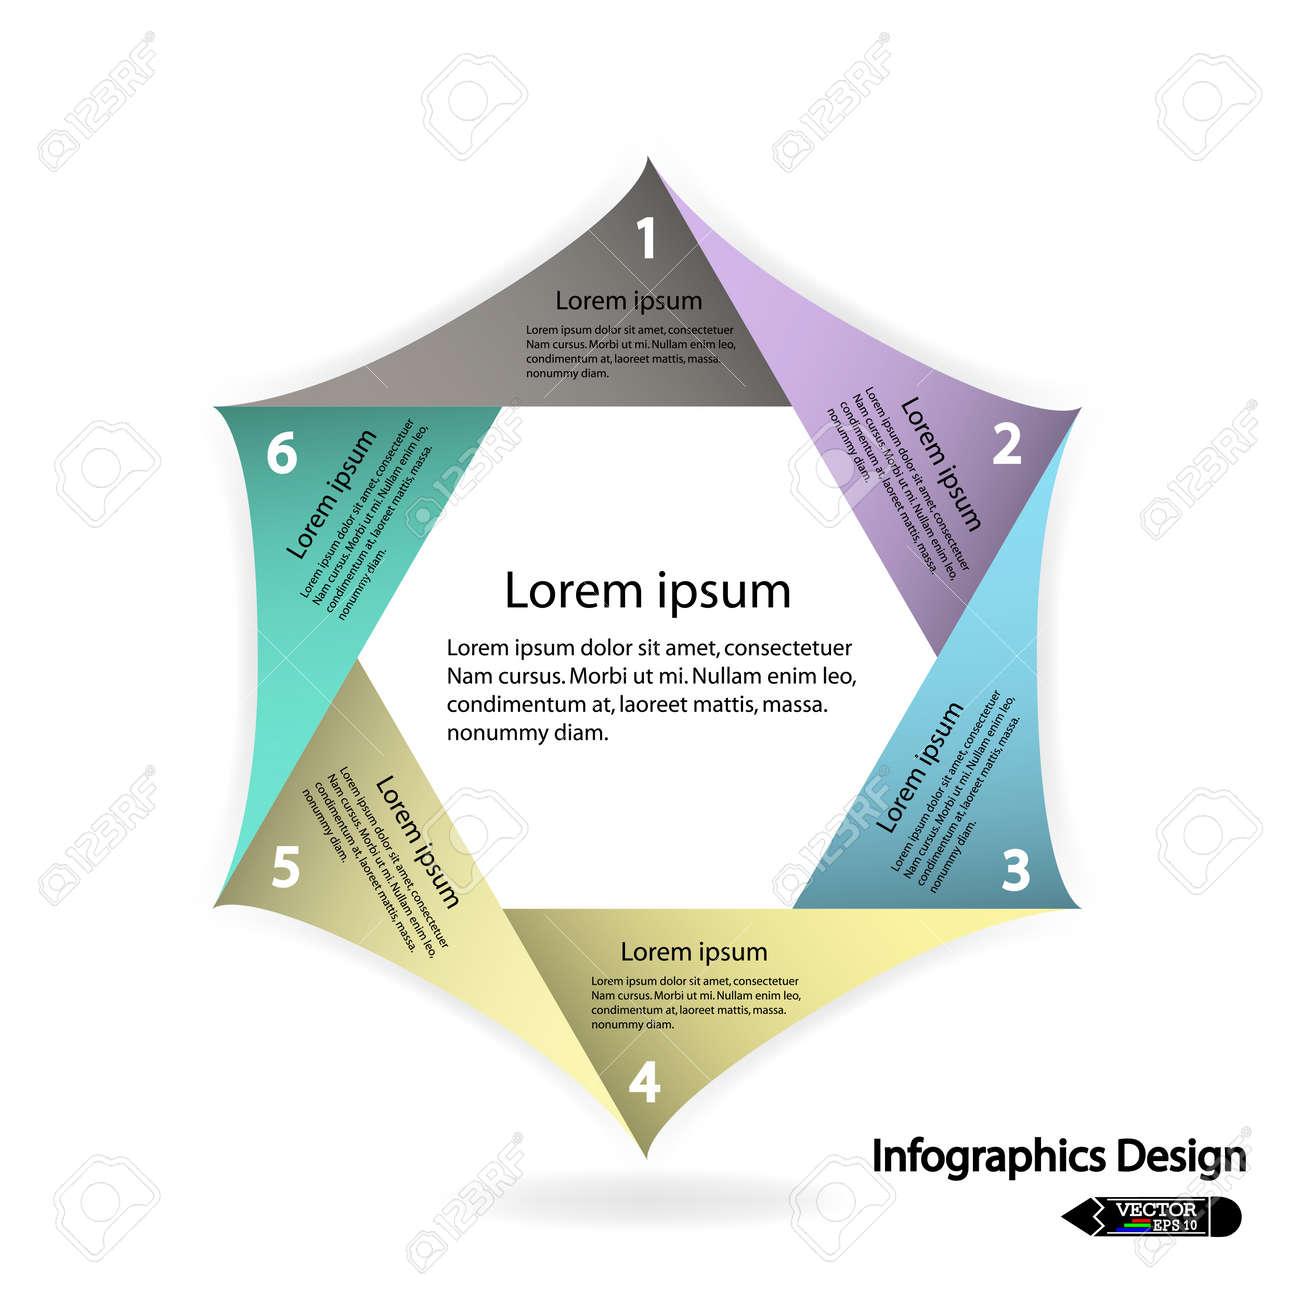 презентации со схемами